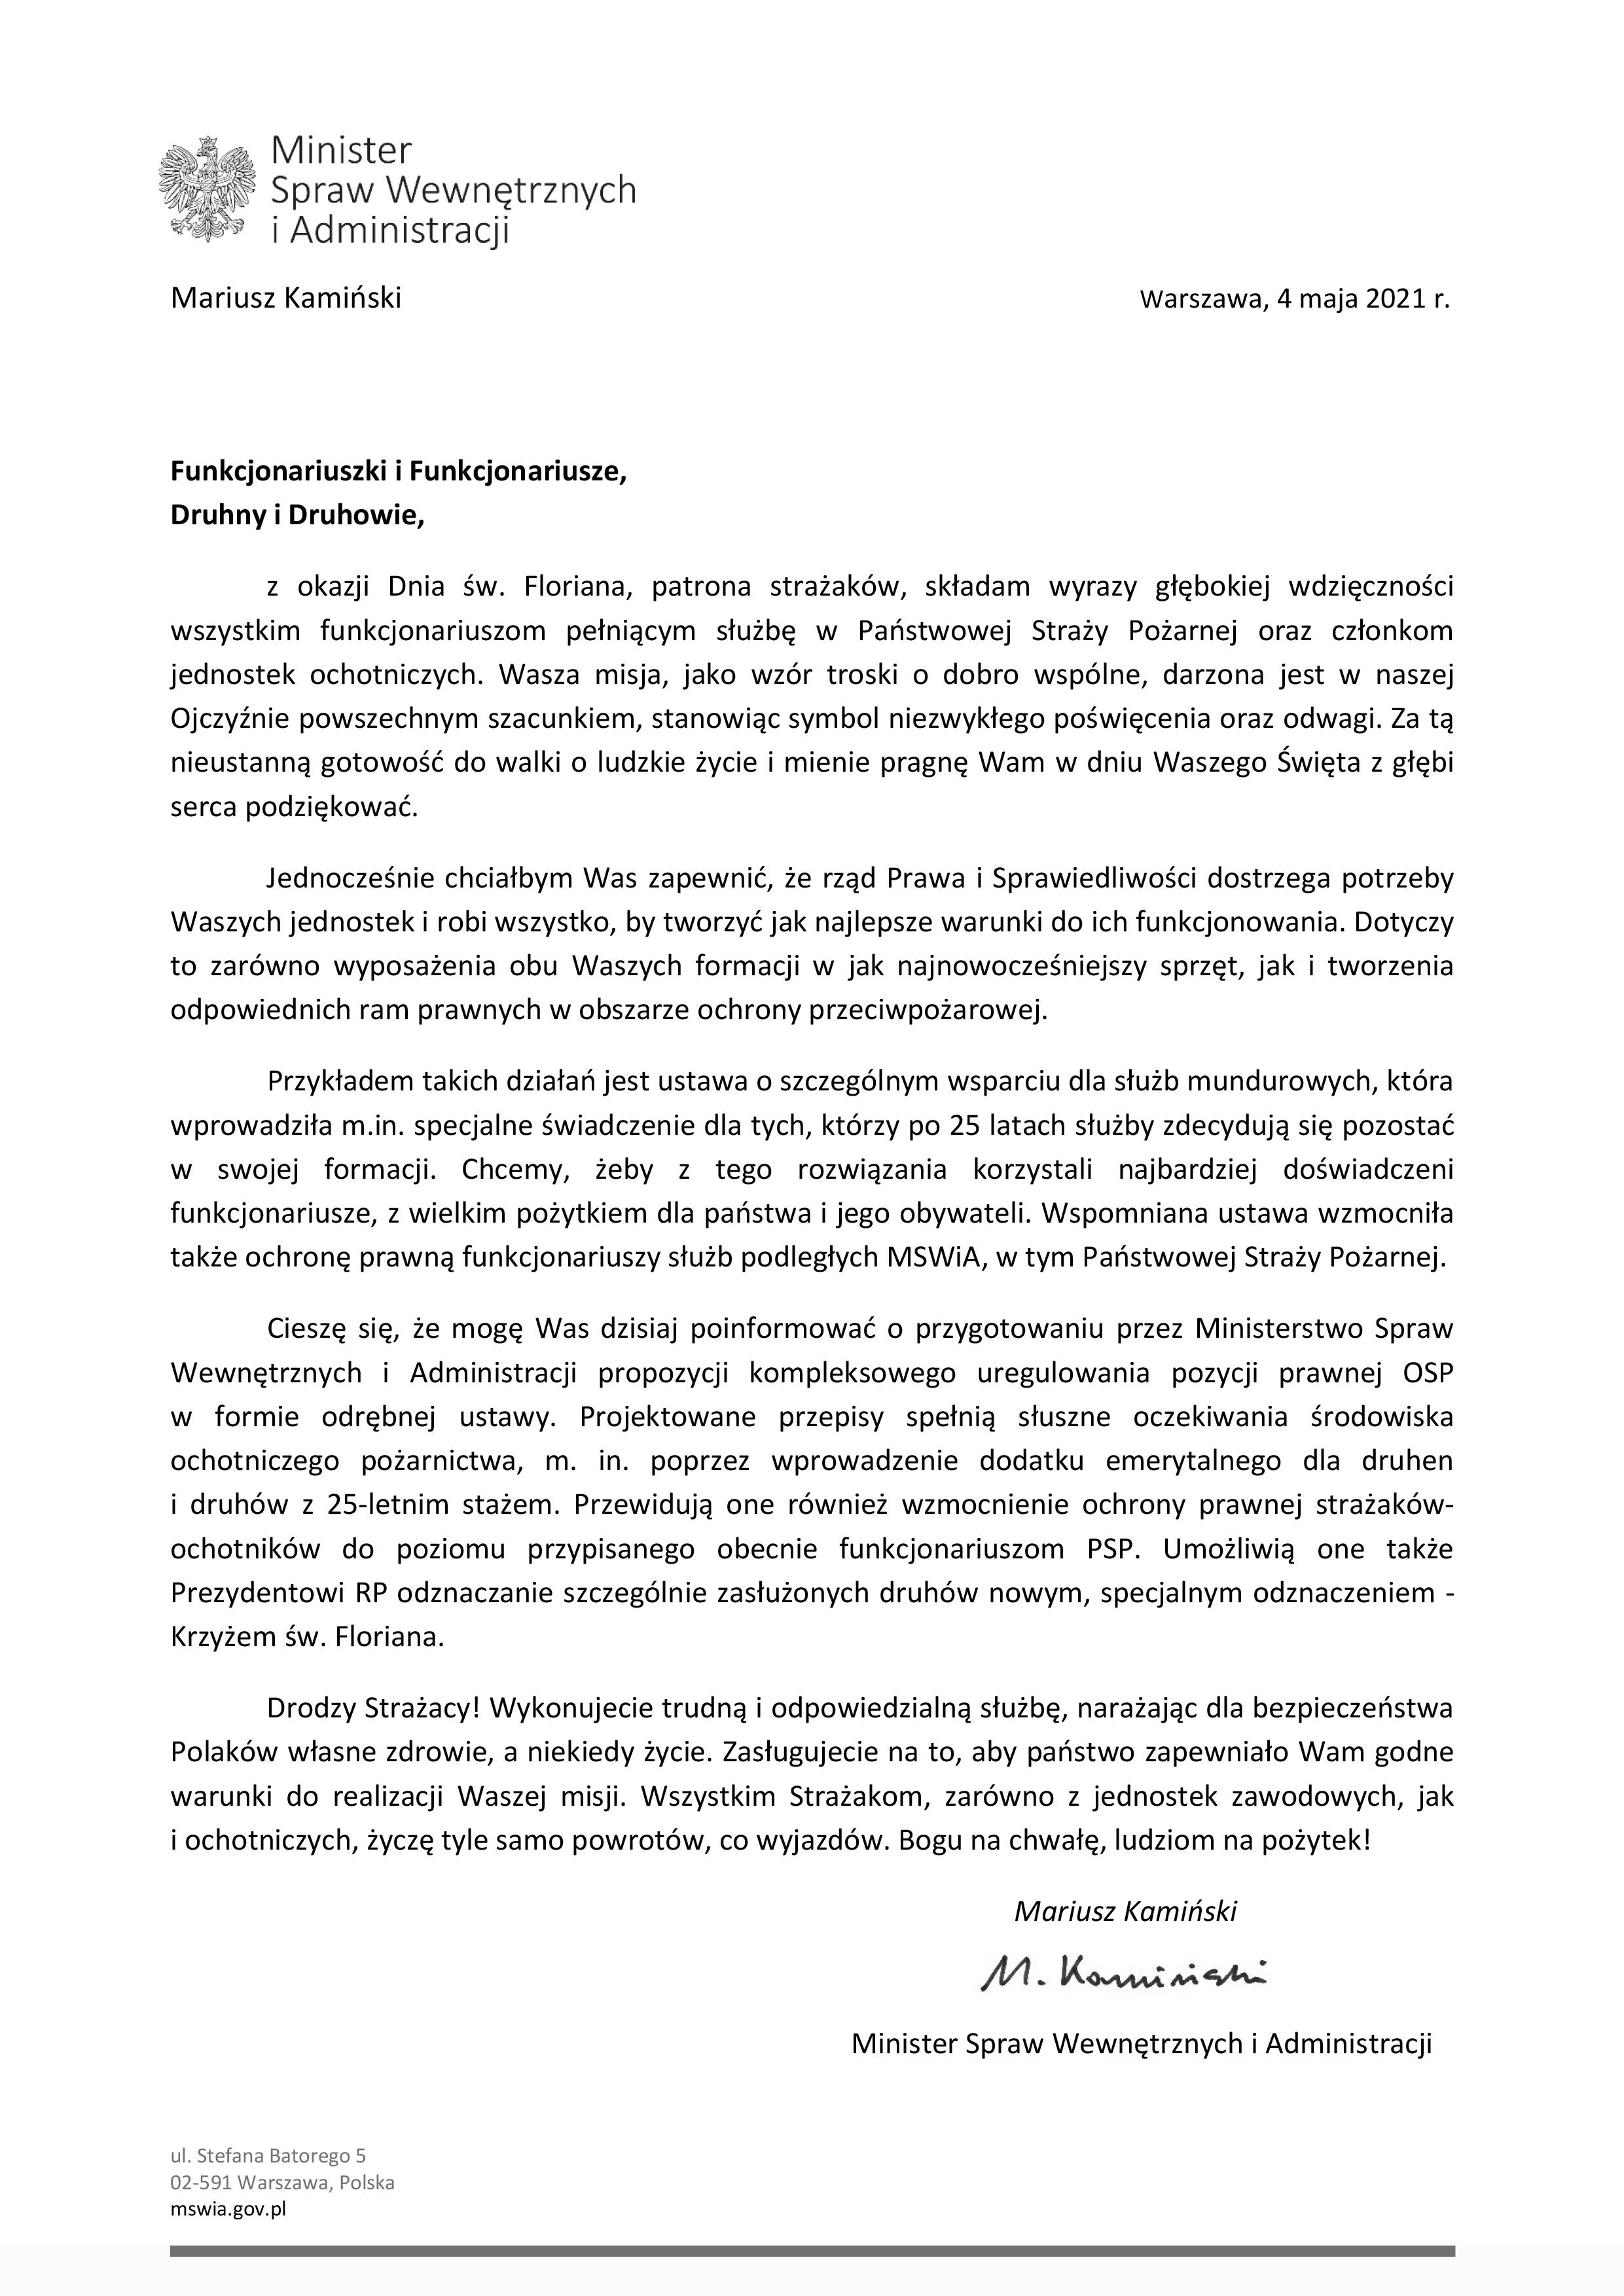 Życzenia Mariusza Kamińskiego Ministra Spraw Wewnętrznych i Administracji z okazji Dnia Strażaka 2021